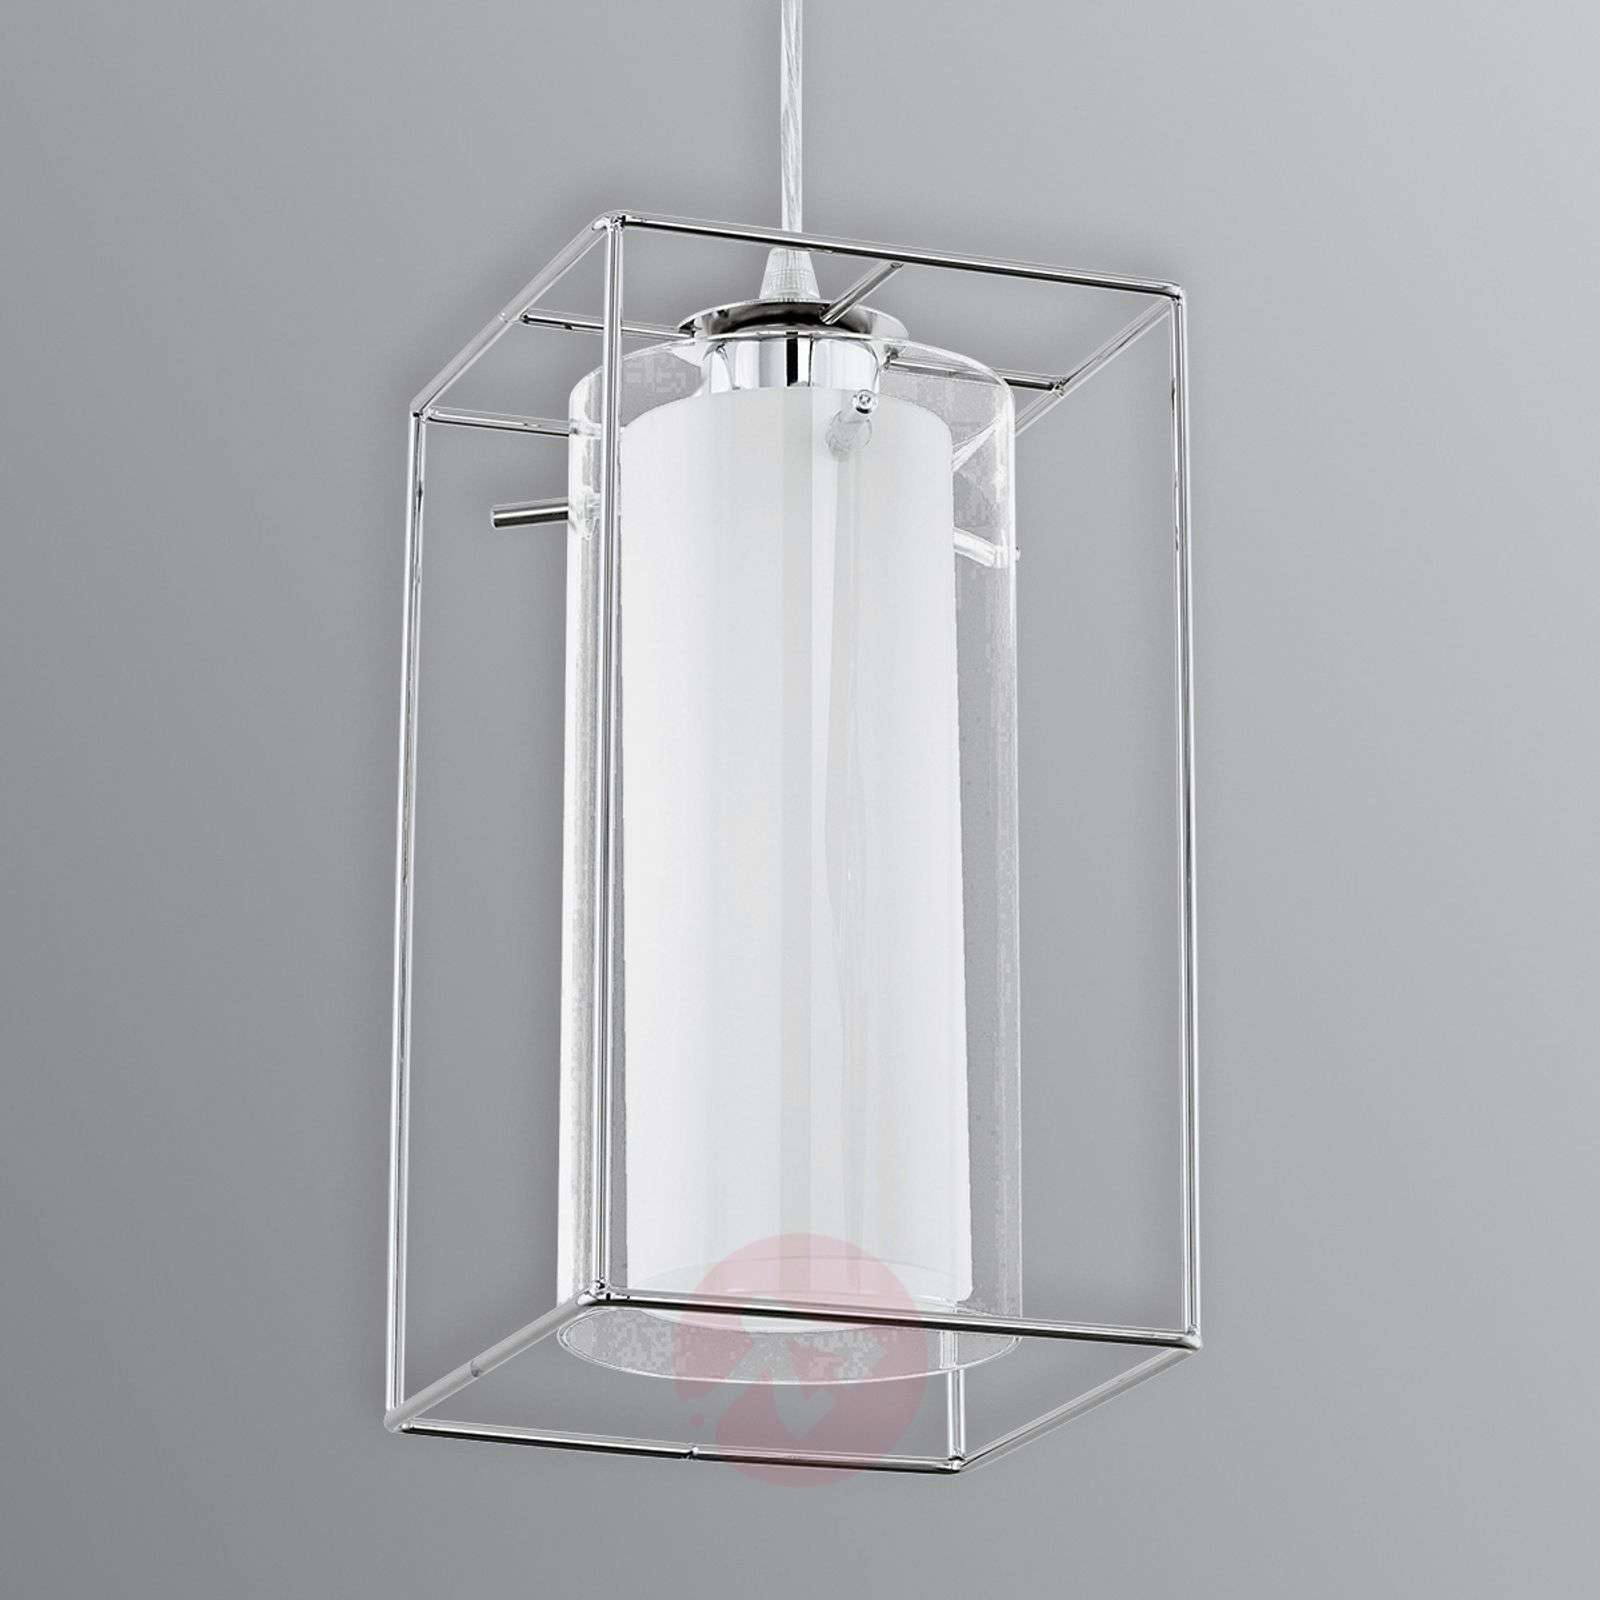 Moderni lasinen riippuvalaisin Loncino-3031746-01